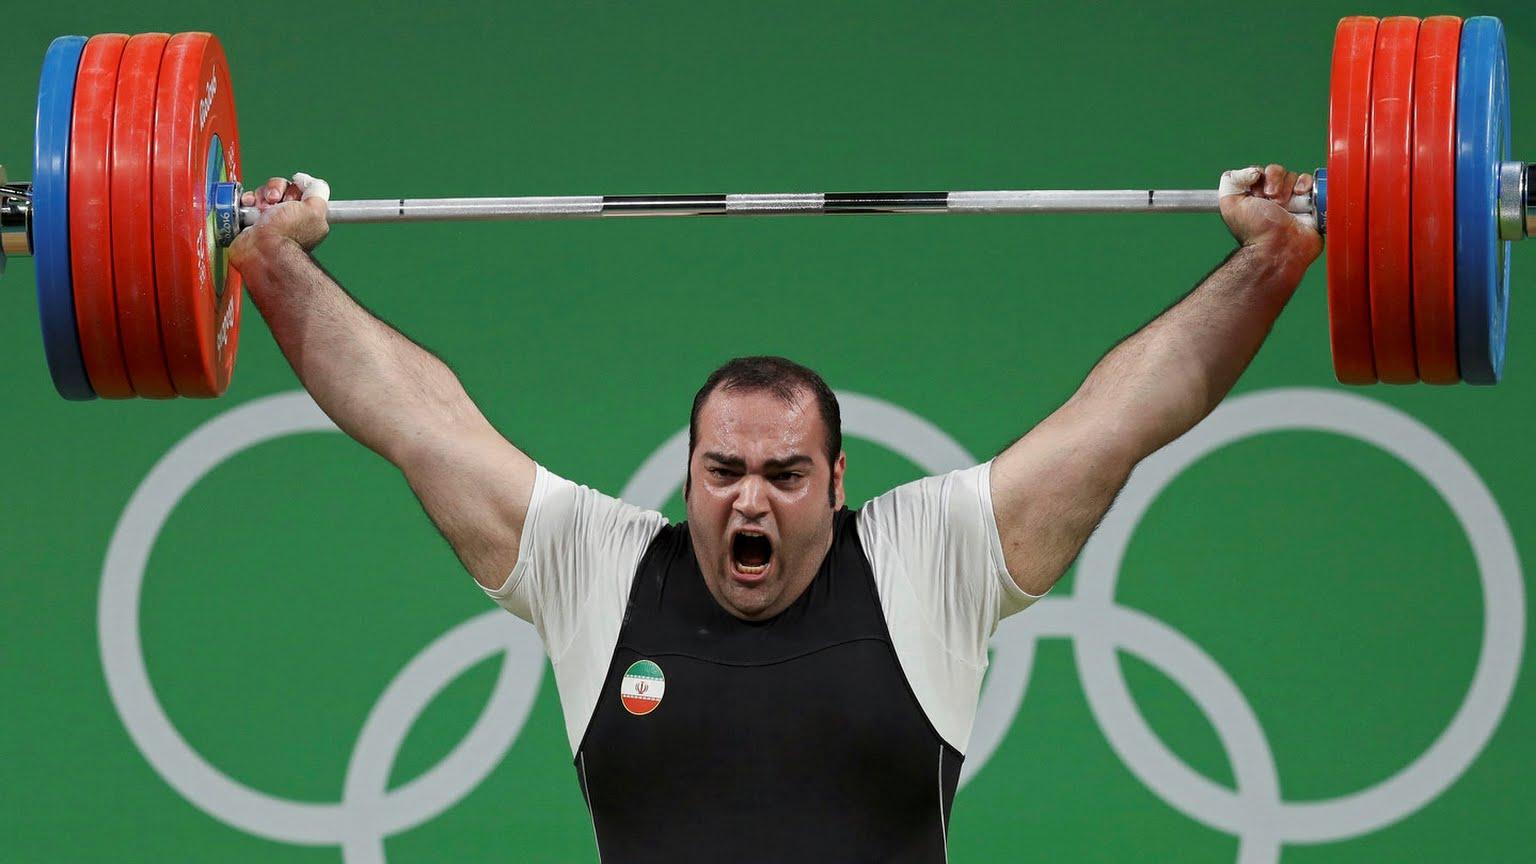 ناداوری در المپیک این قسمت؛ وزنهبرداری/ روز نحس کاروان ایران کامل شد؛ سلیمی حذف شد